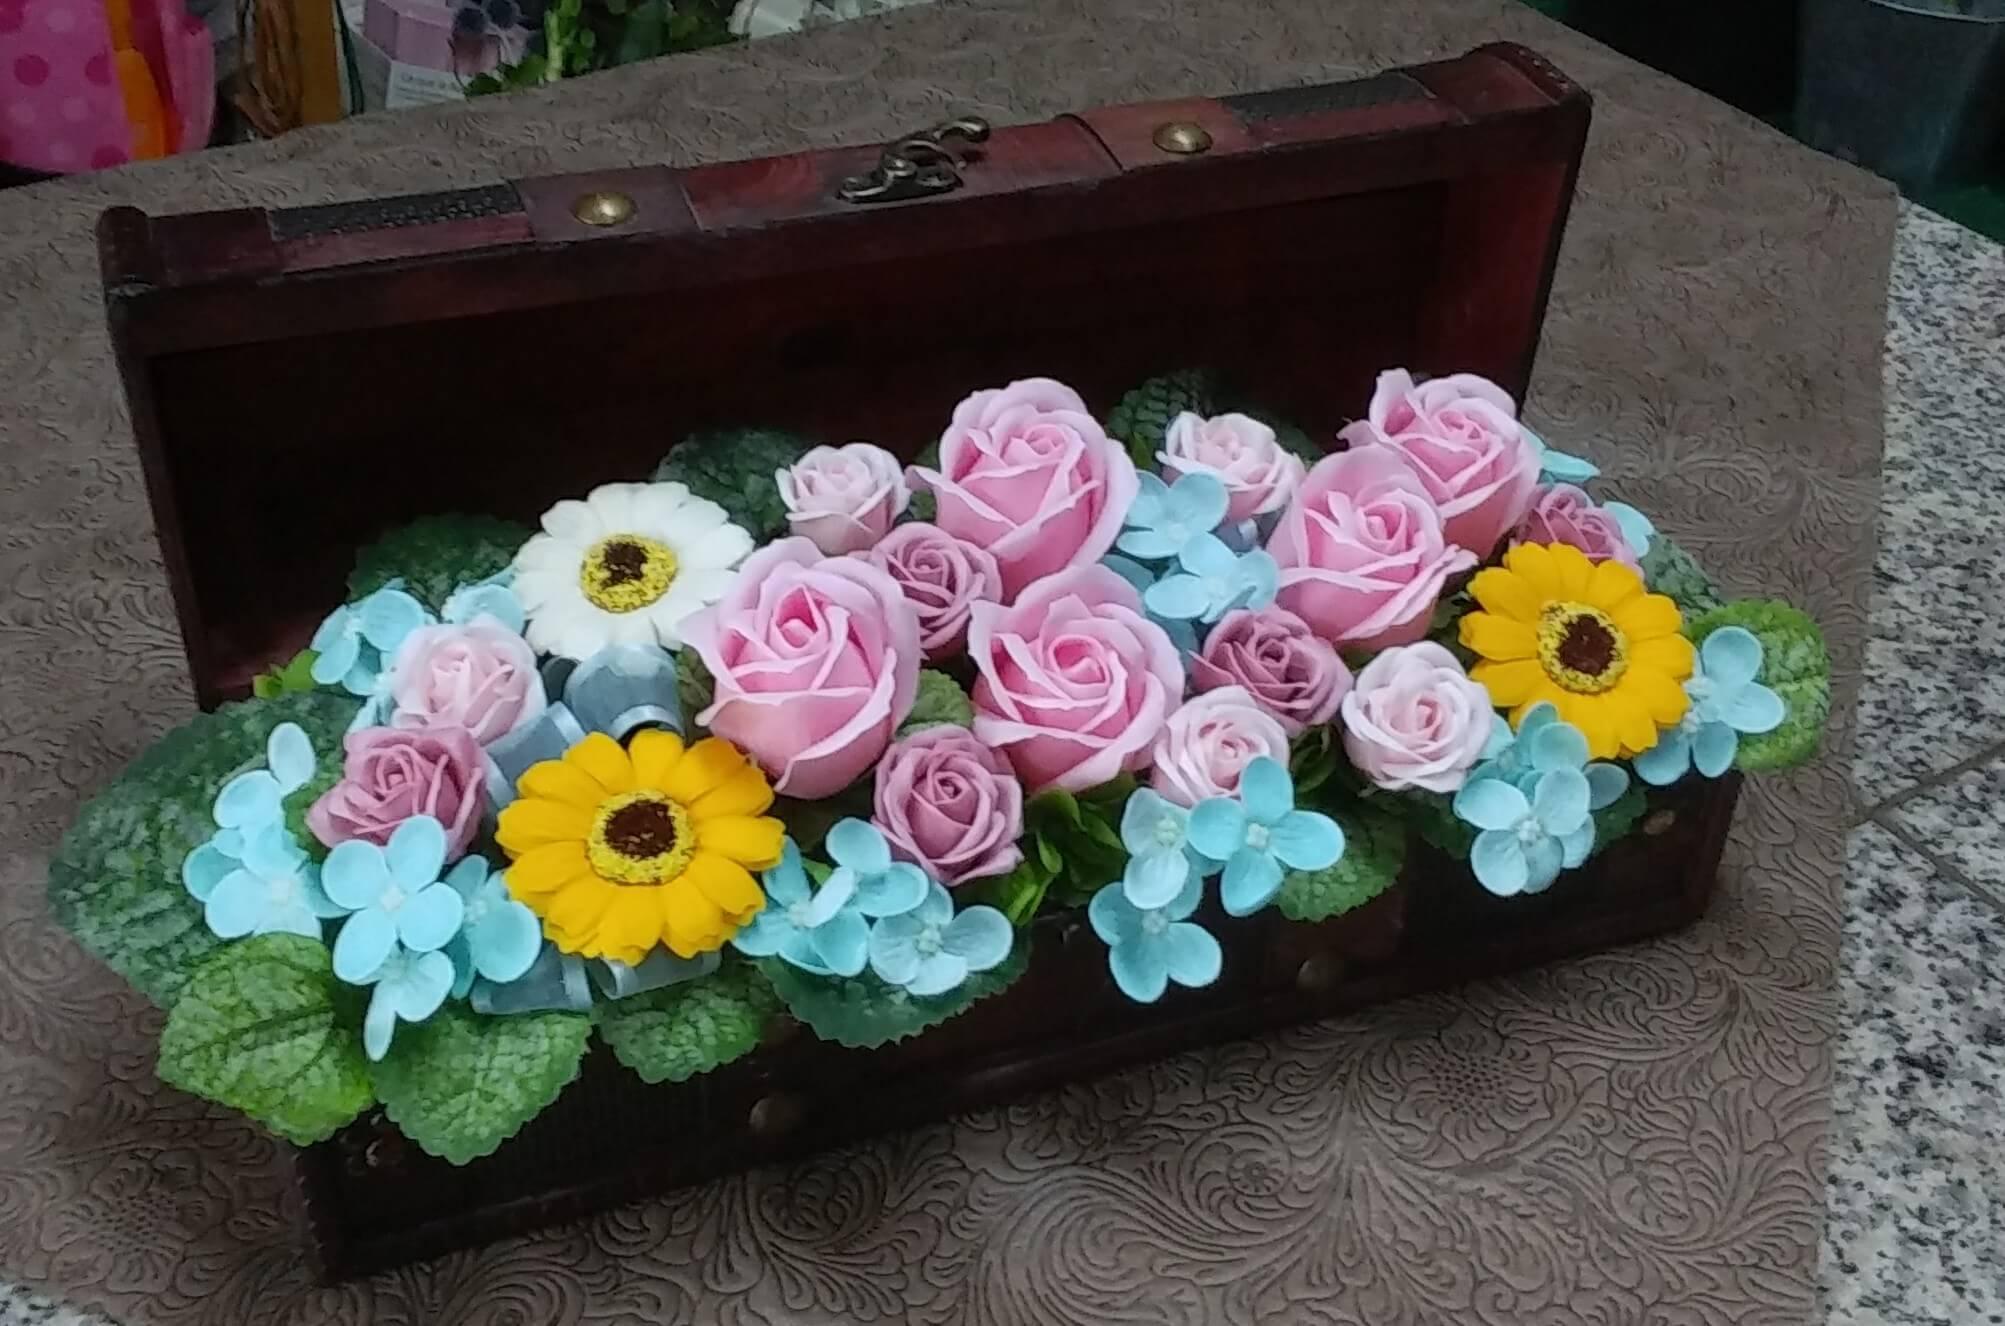 ソープフラワー(石鹸の花)のアレンジメント